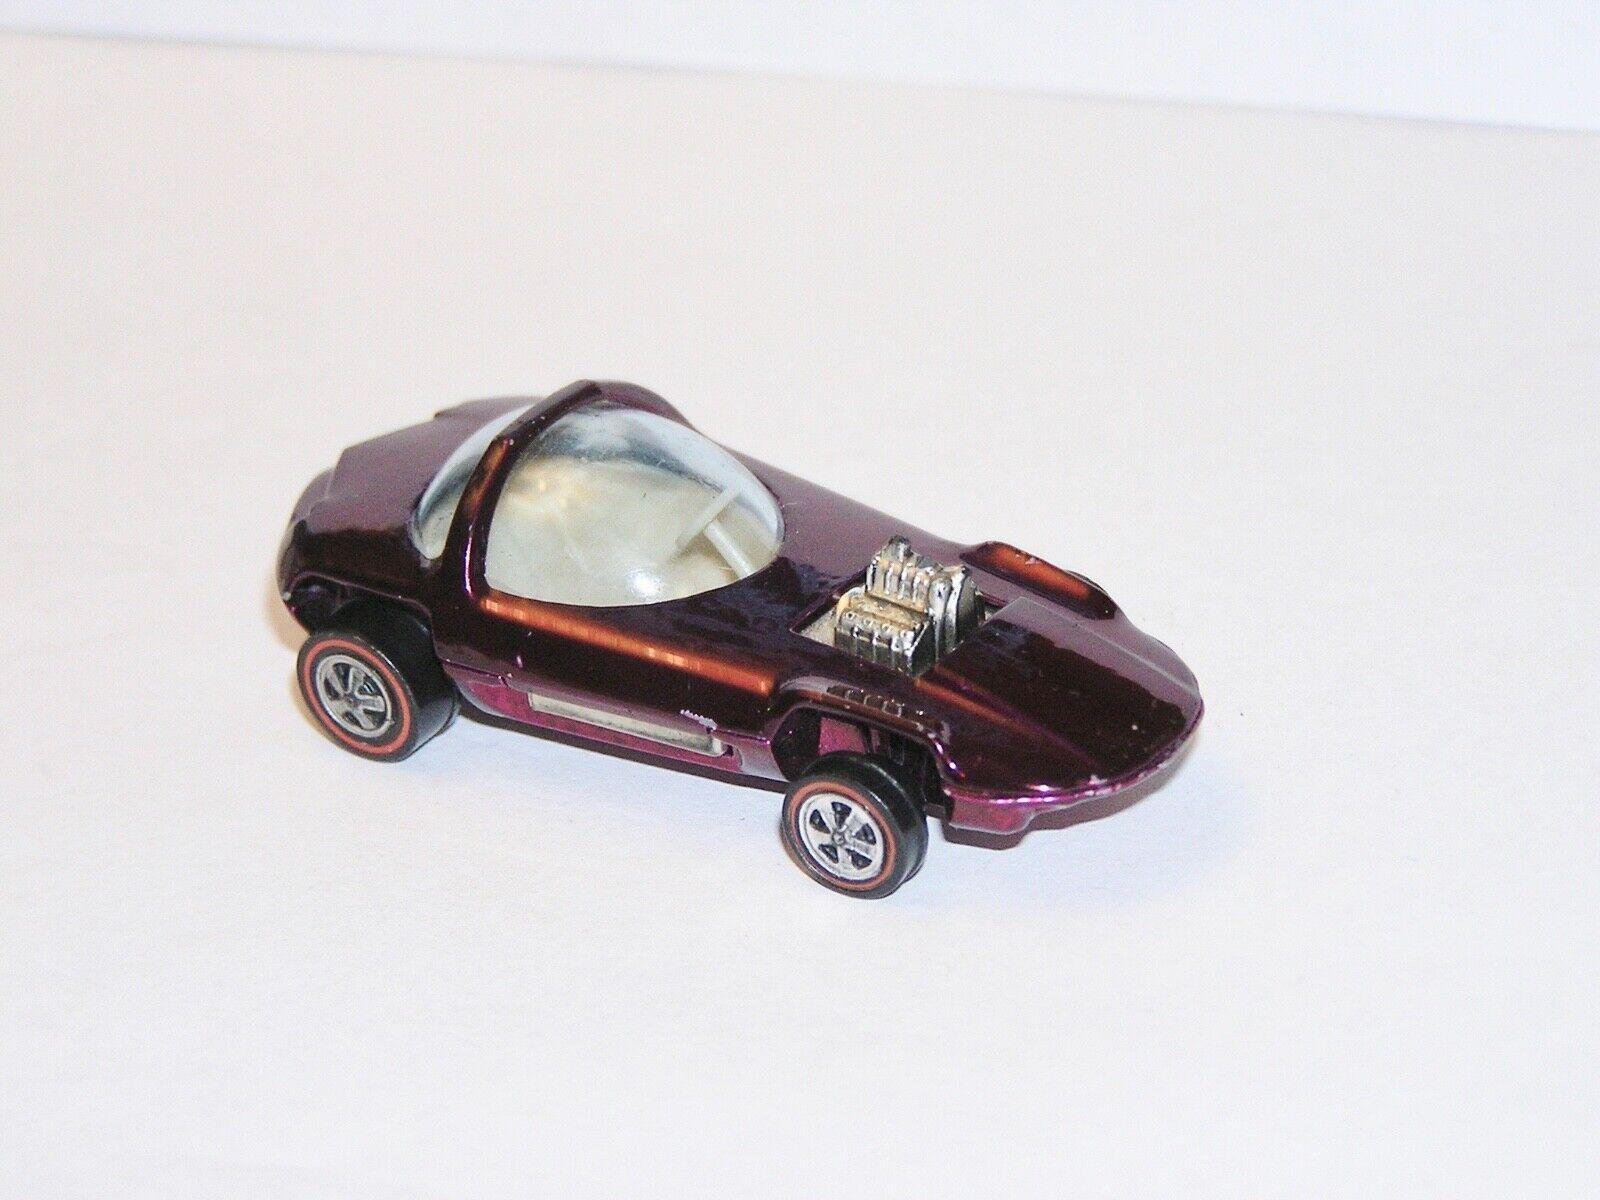 1968 Hot wheels rougeline Silhouette Etats-Unis magenta super sympa YR1 écran pièce  Sc